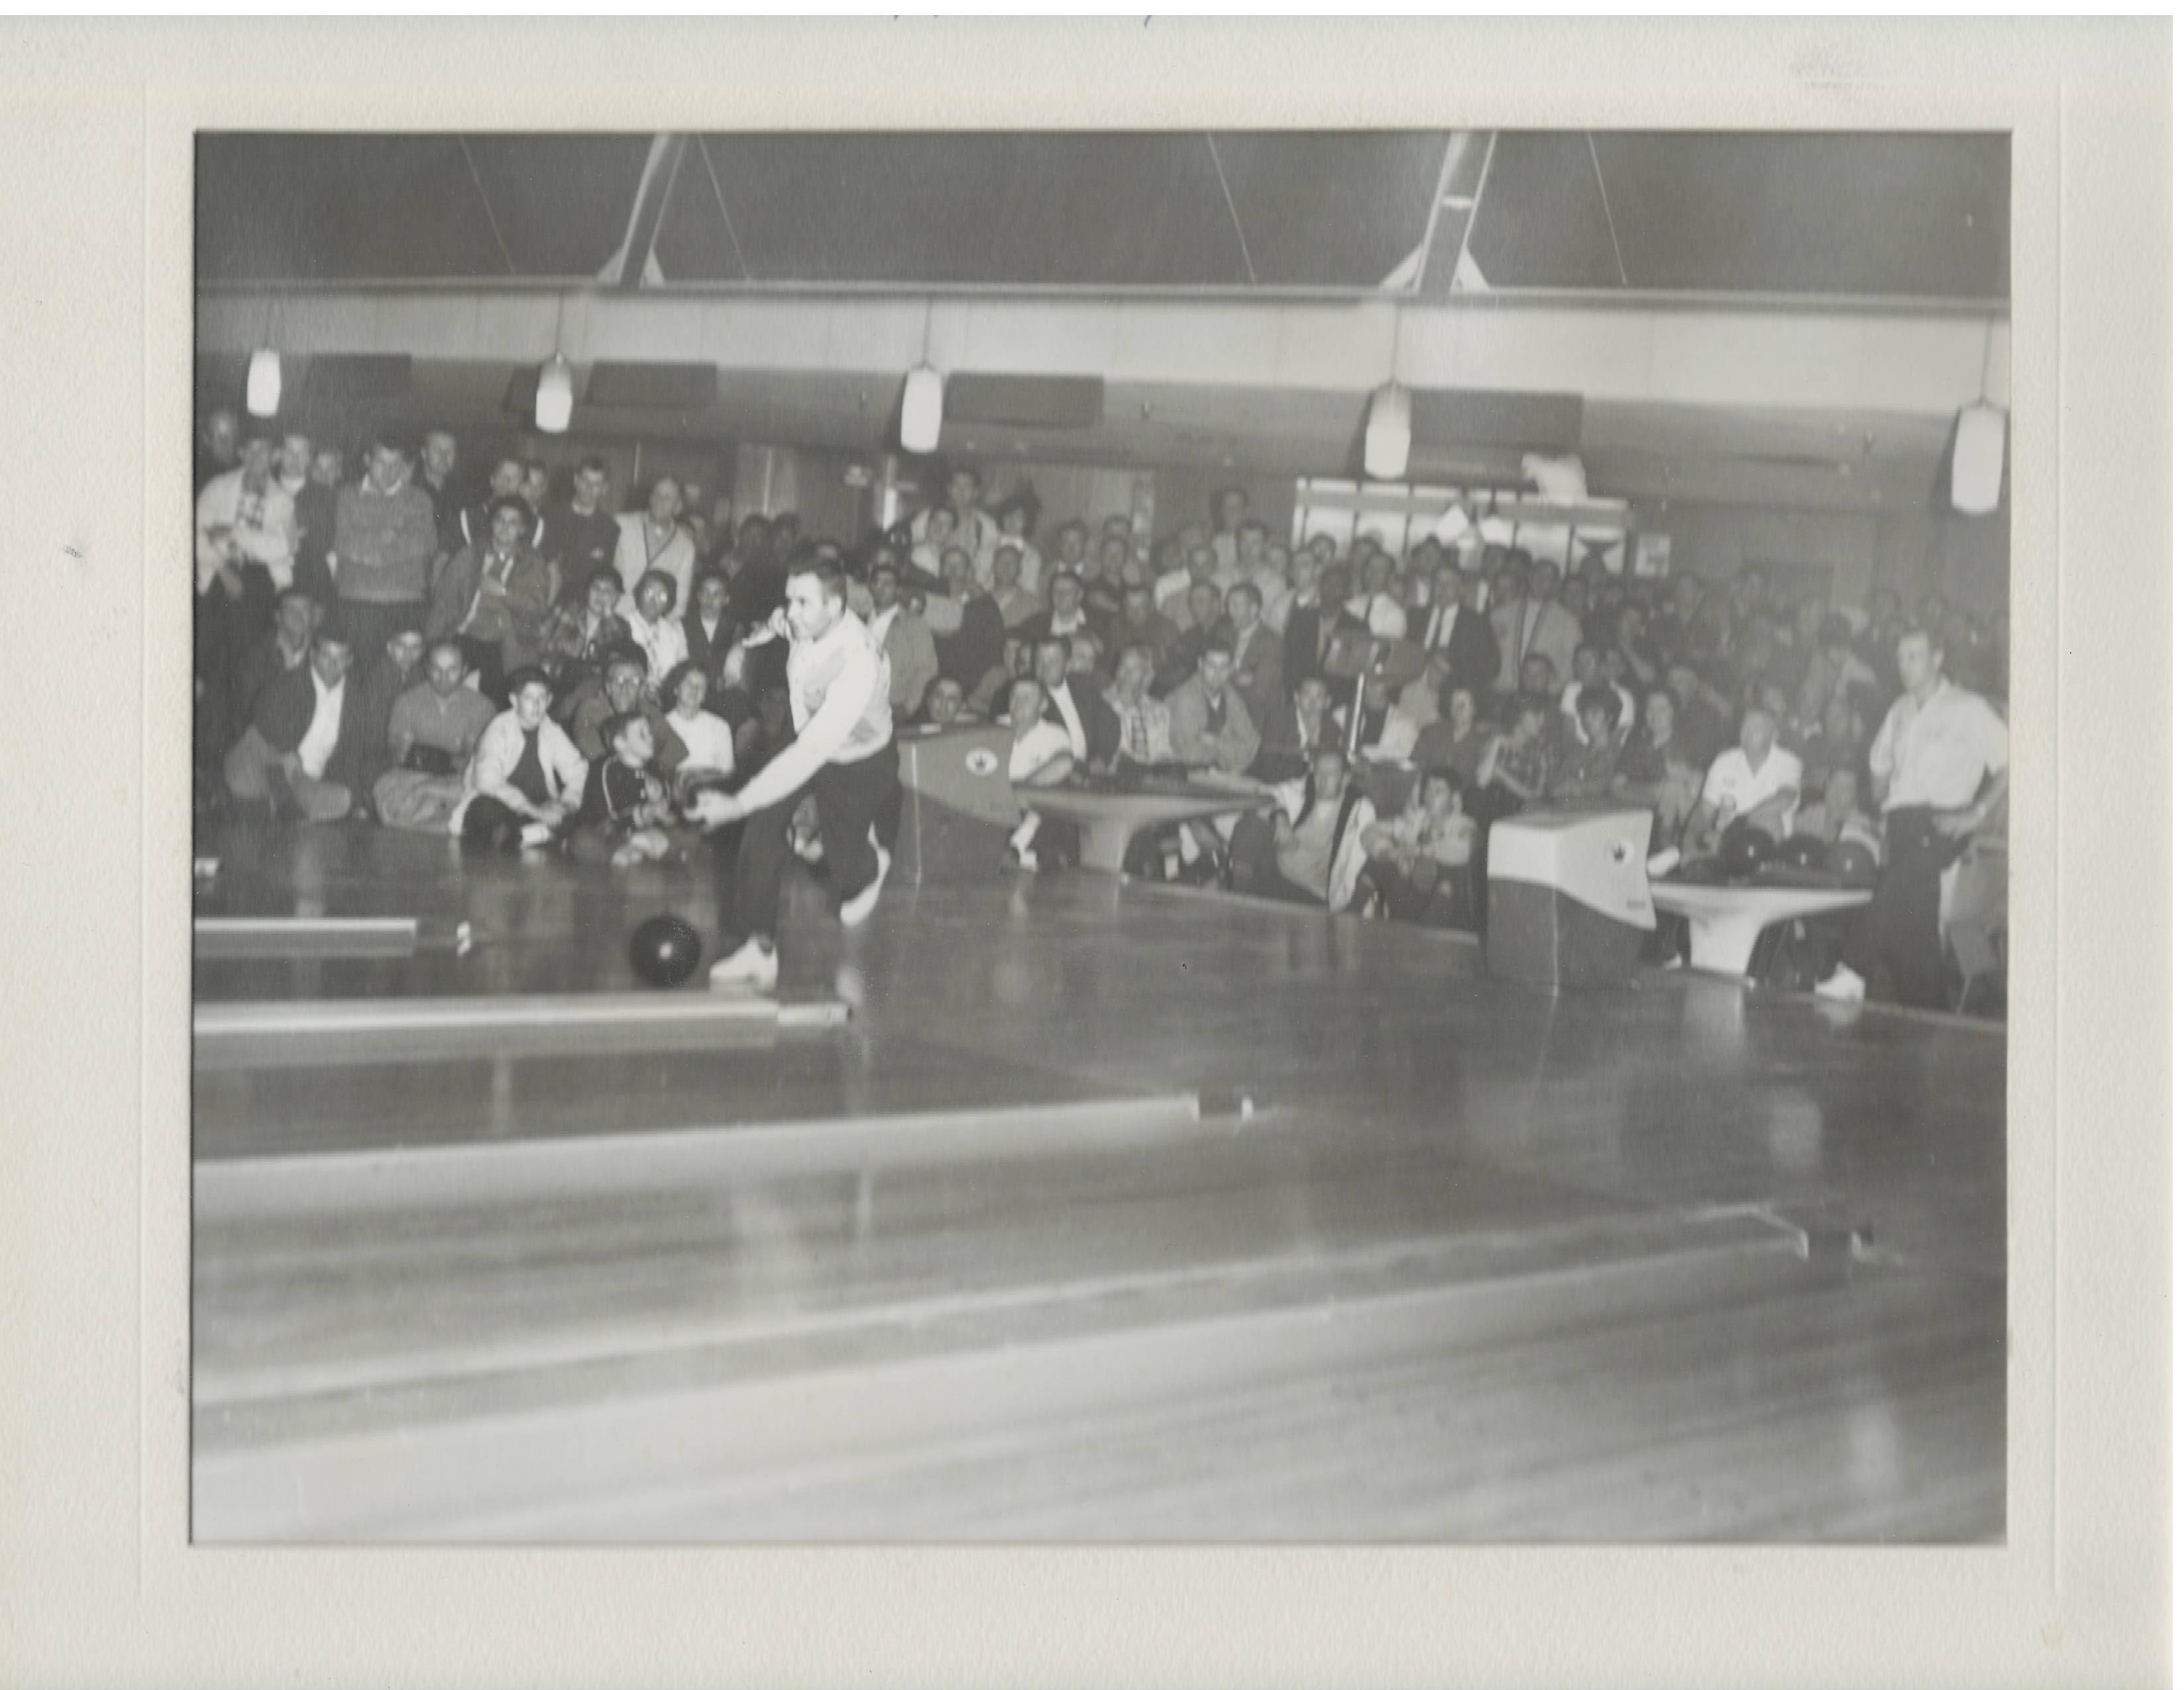 Westgate Nov 1 1964 2